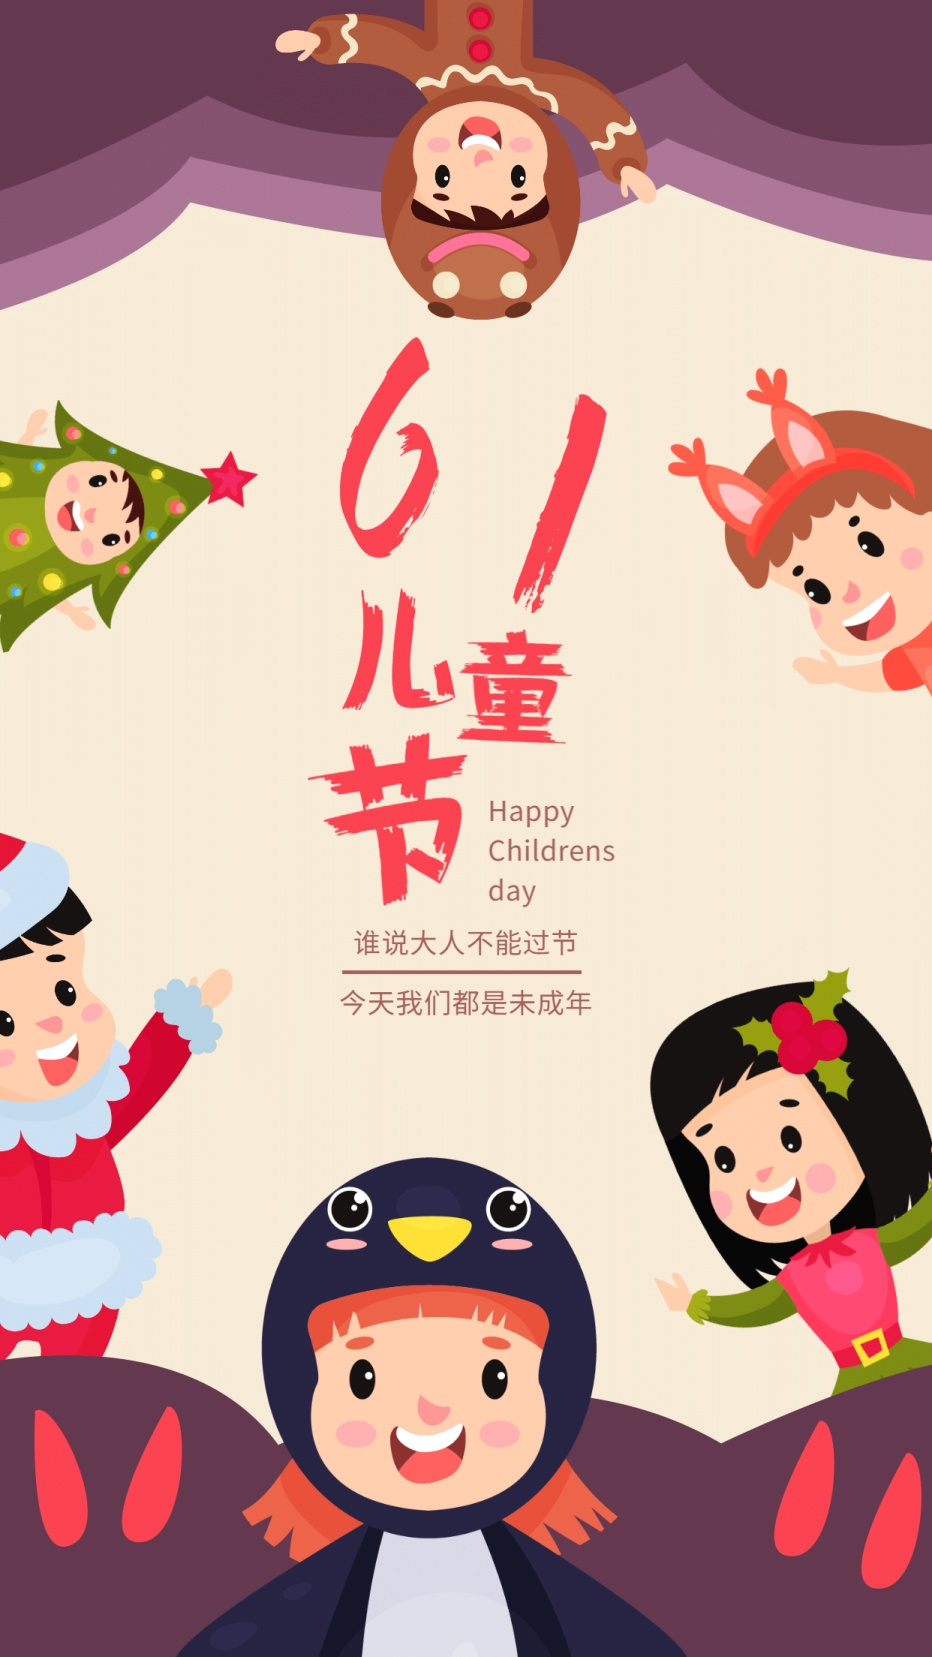 61儿童节趣味插画手机海报